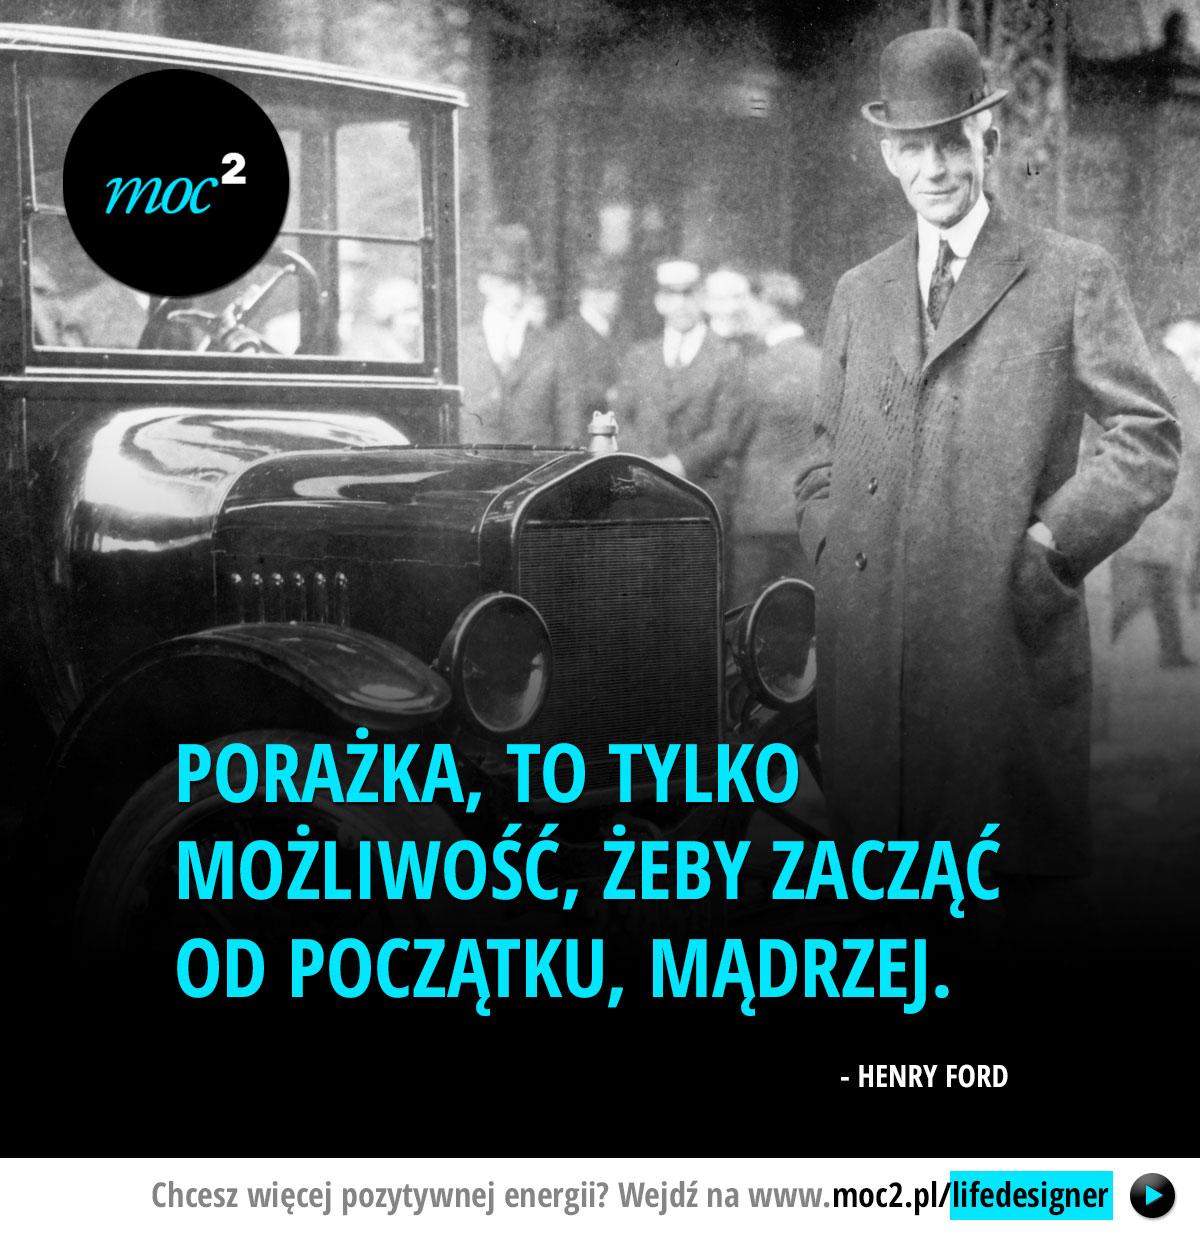 Porażka, to tylko możliwość, żeby zacząć od początku, mądrzej. - Henry Ford